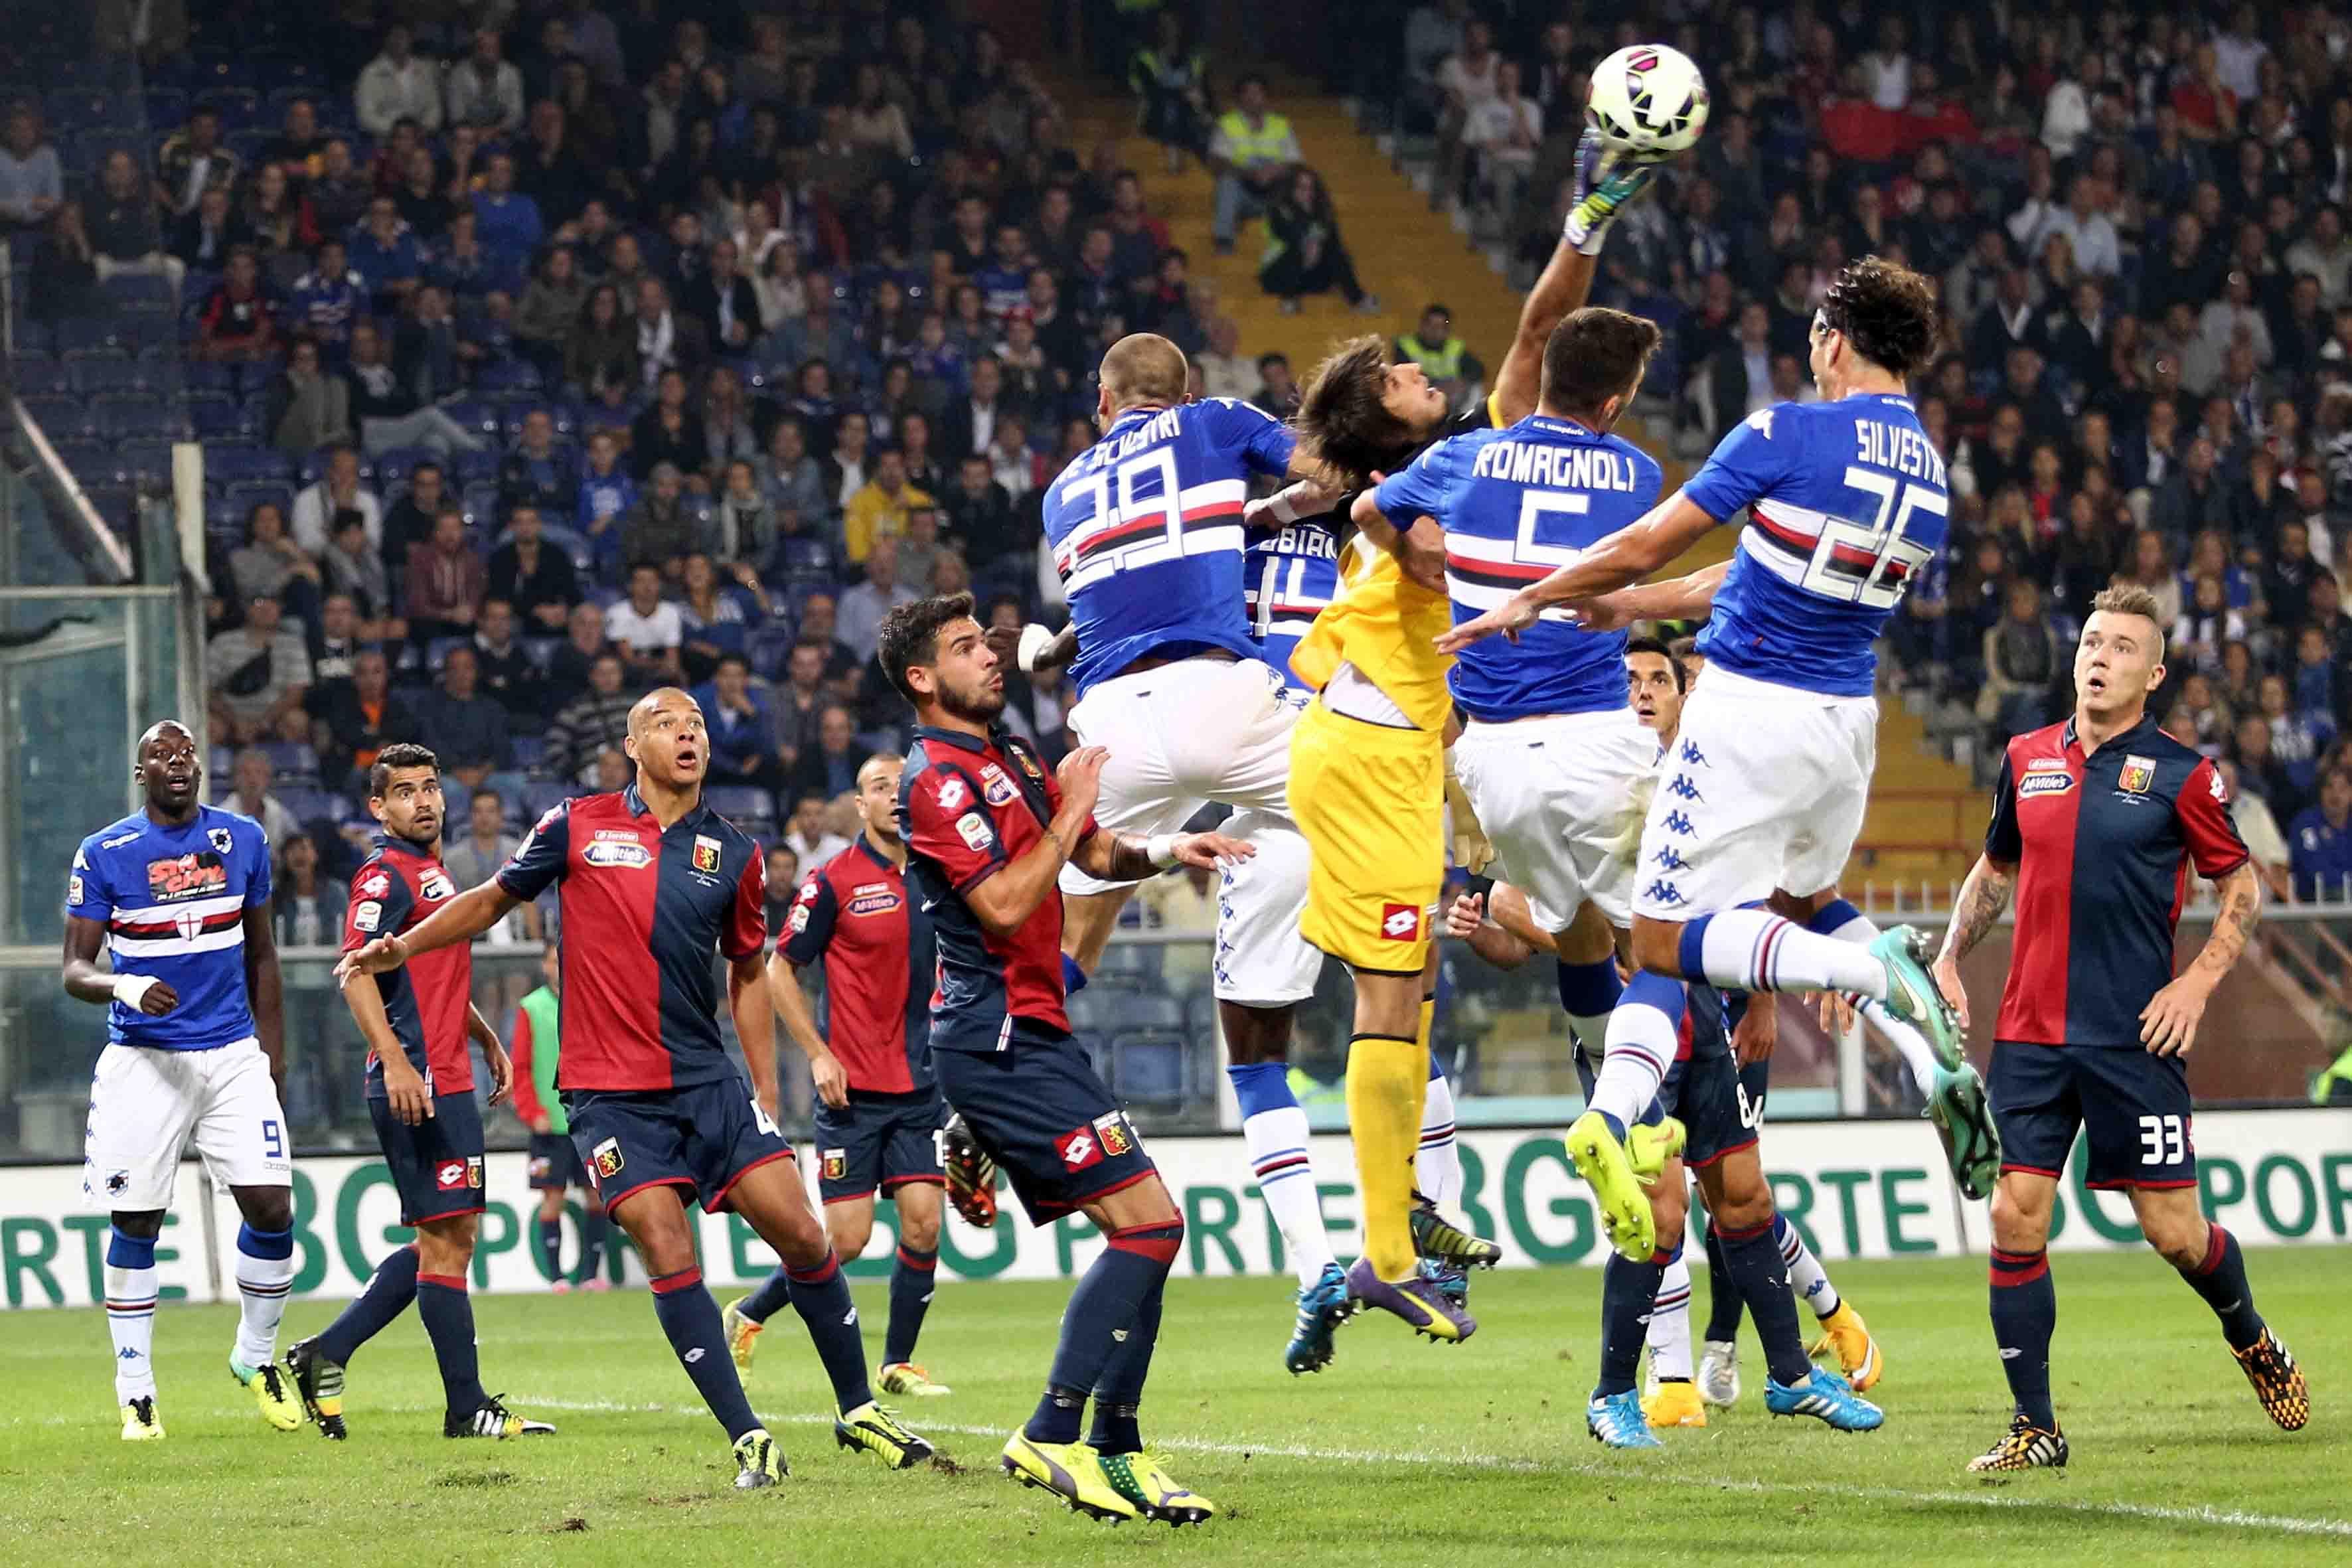 Fantacalcio: i voti della Gazzetta dello sport per Sampdoria Genoa. Perin +3, 7.5 a Muriel, bene Edenilson e Rigoni